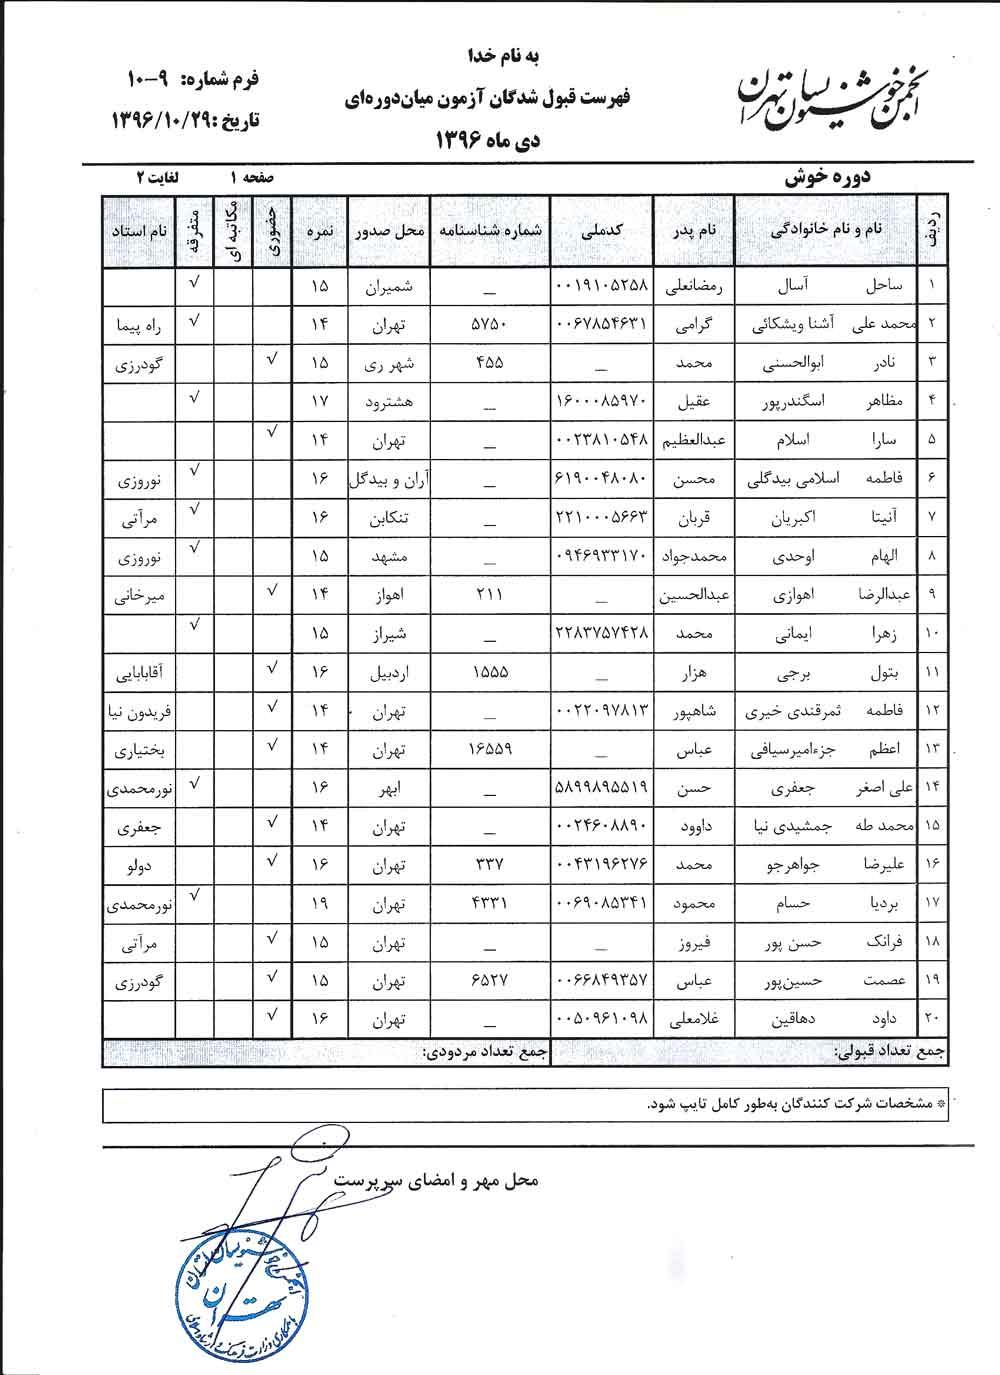 نتایج امتحان خوش انجمن خوشنویسان تهرا دی ماه 96